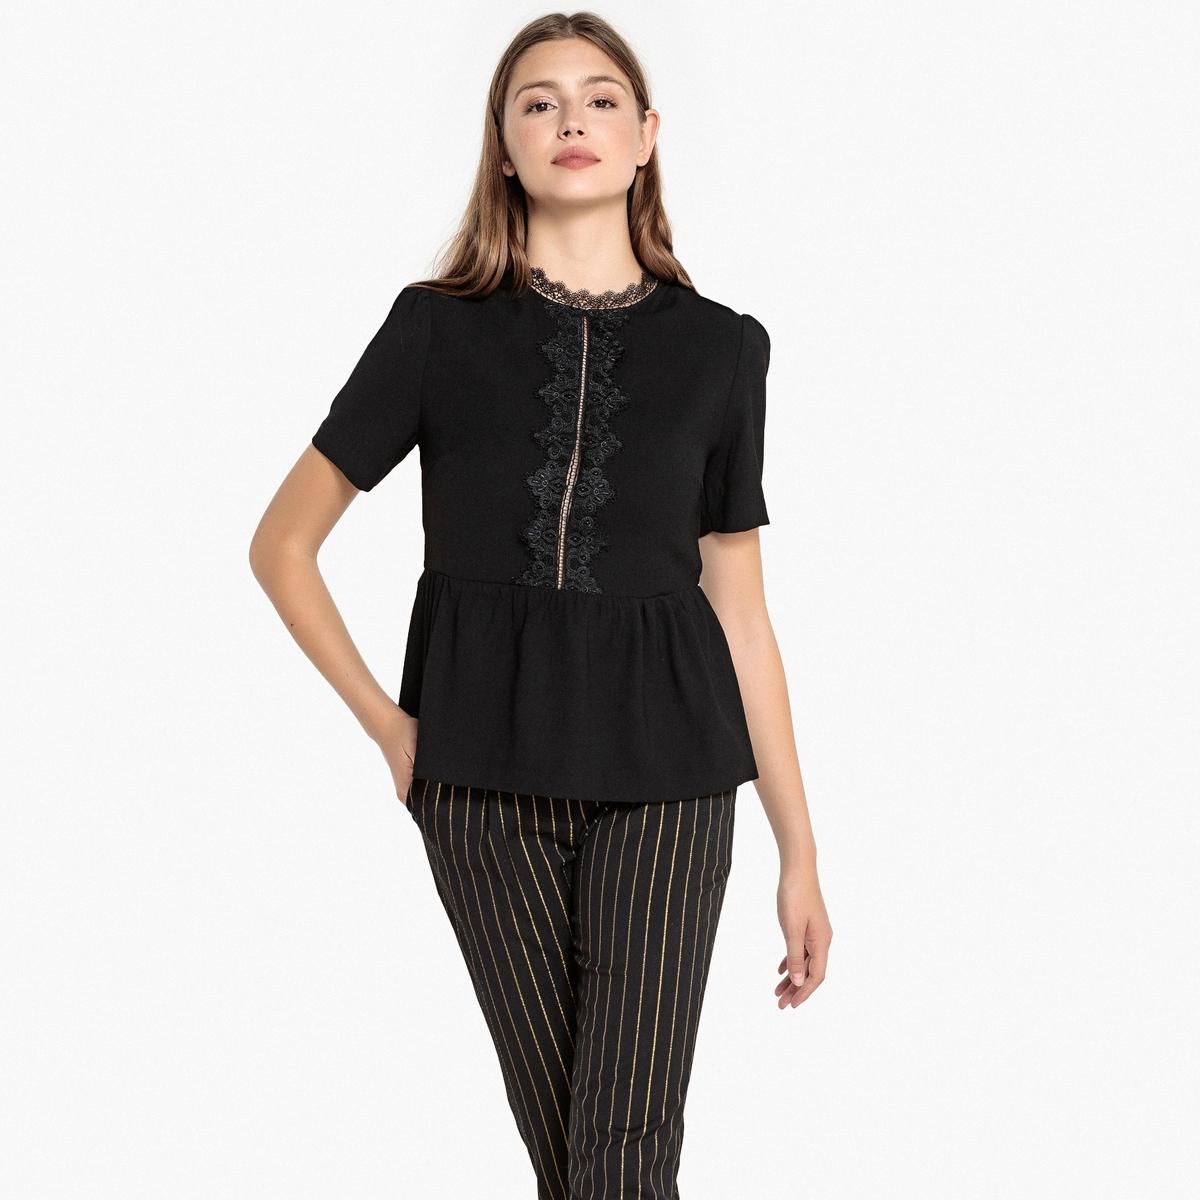 Блузка с круглым вырезом из кружева, открытая спинка LANDRY блузка с квадратным вырезом со вставкой из кружева